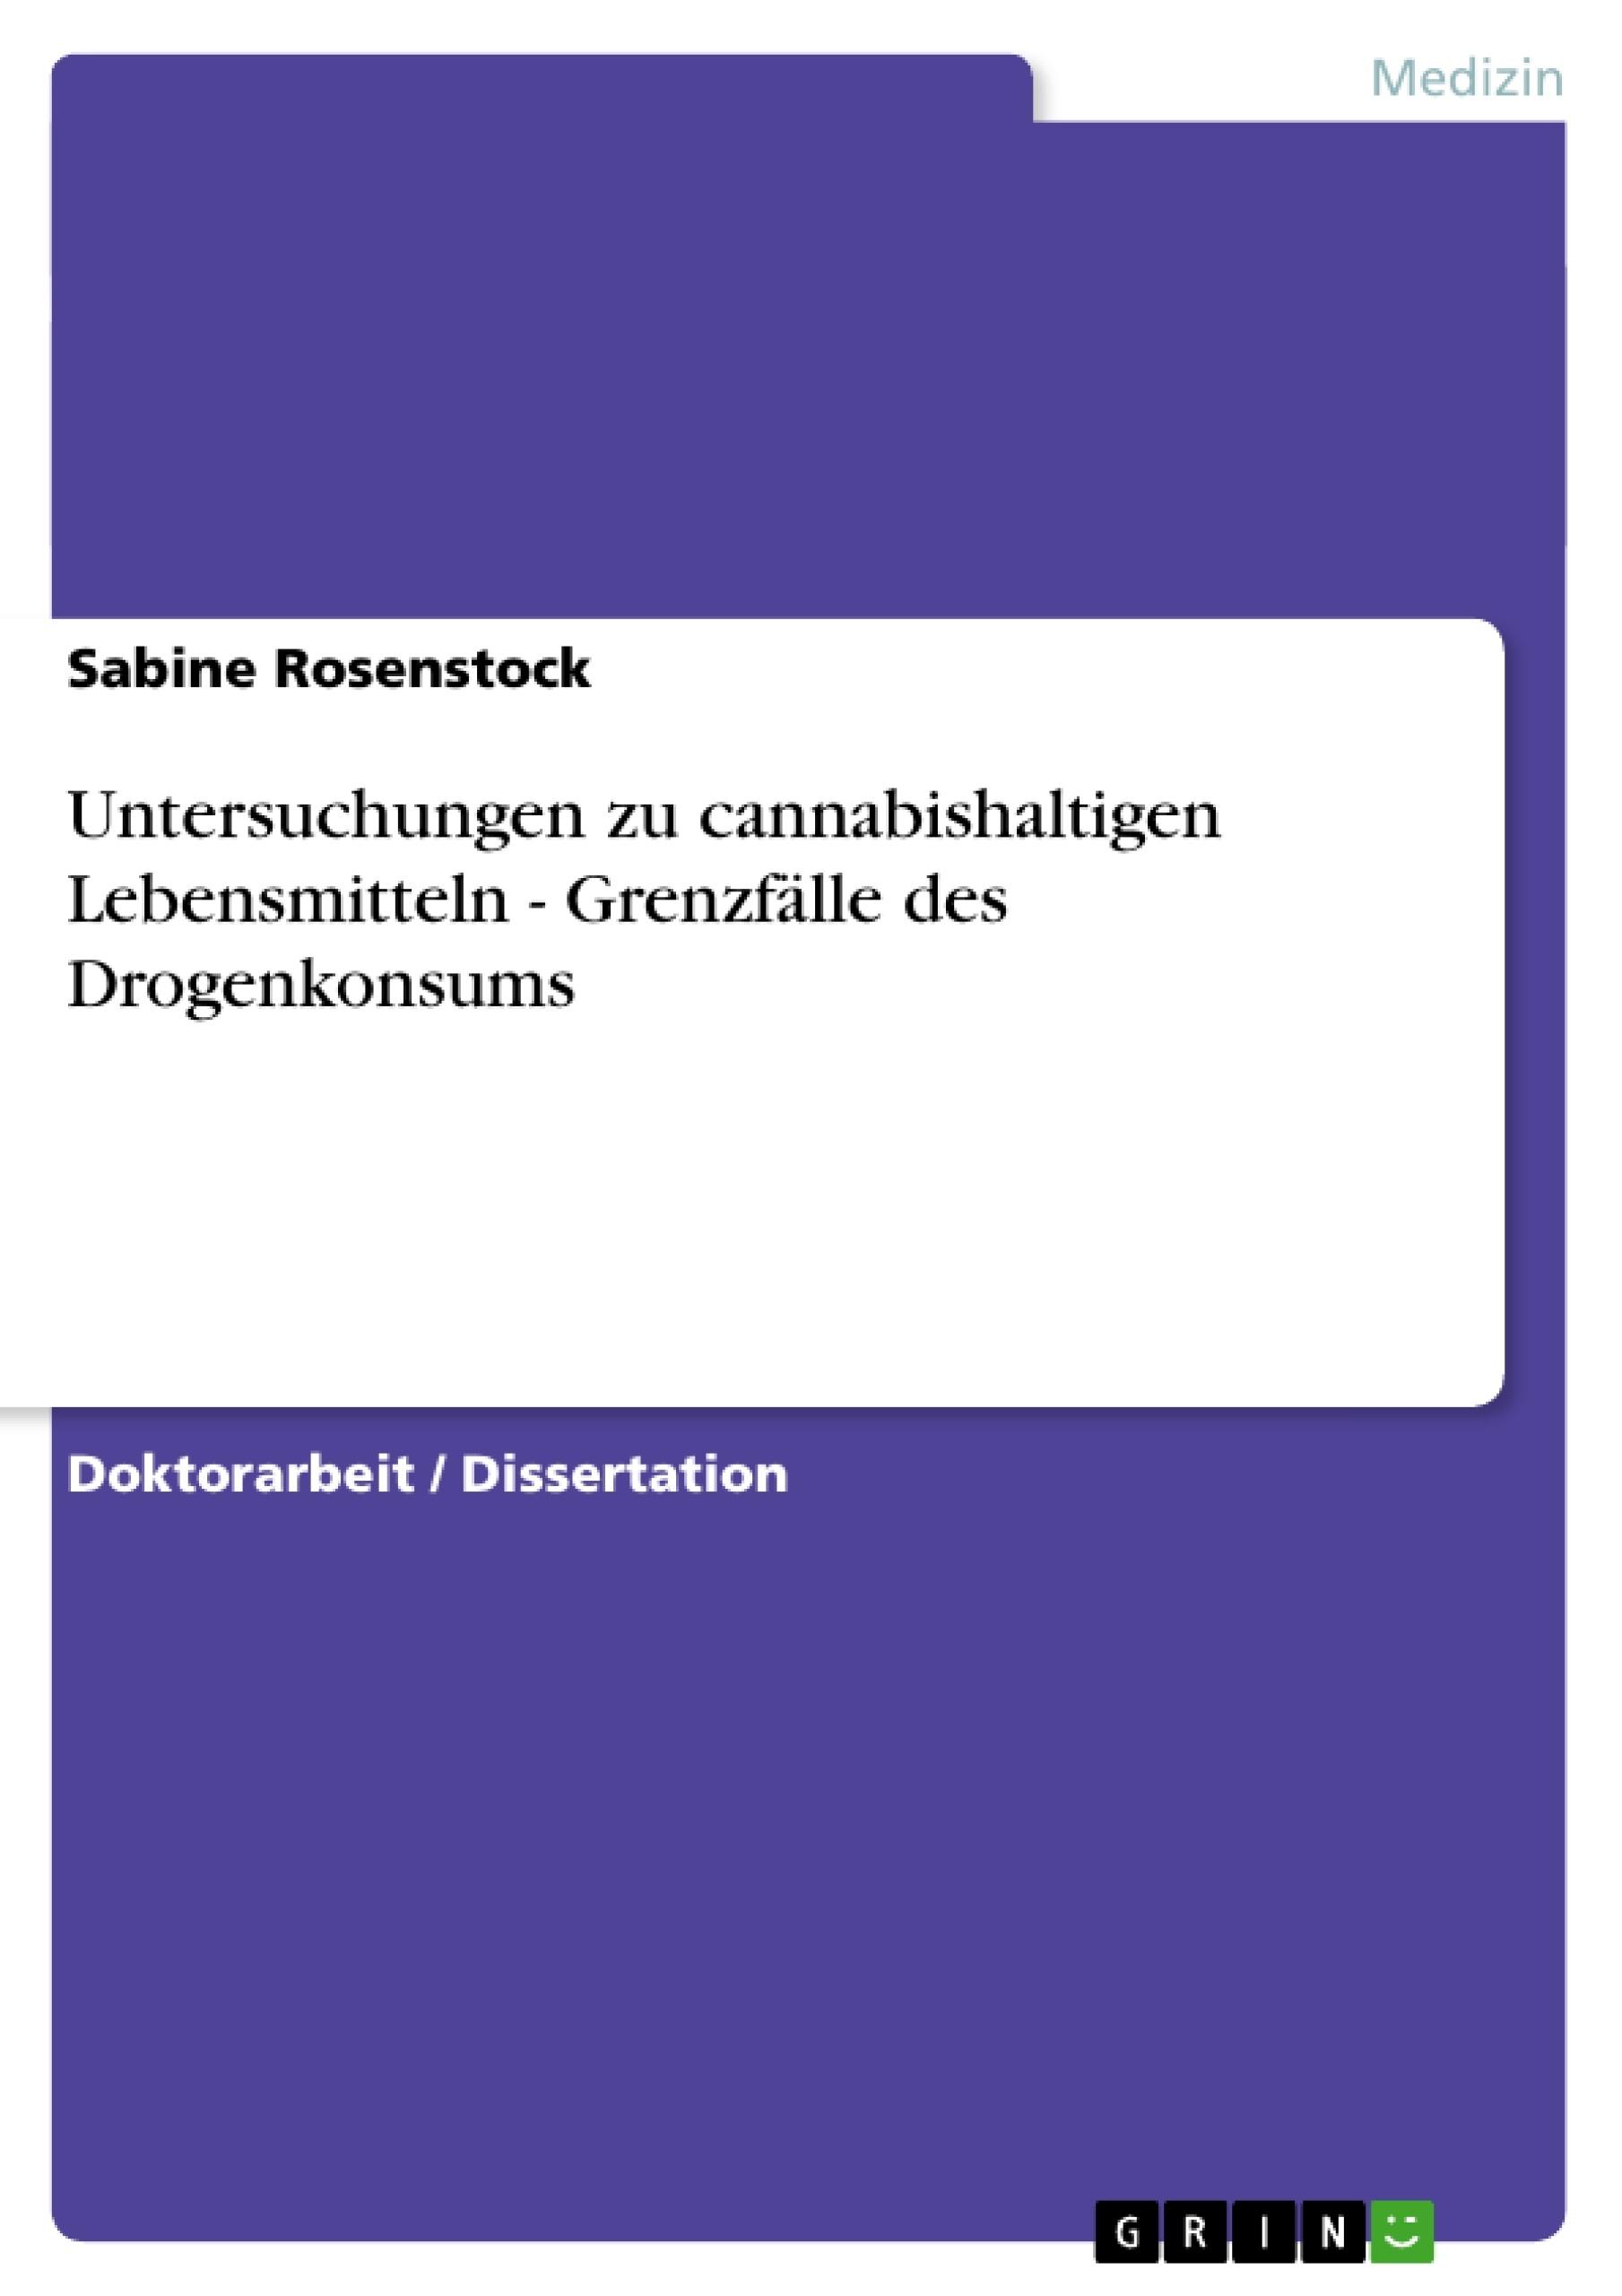 Titel: Untersuchungen zu cannabishaltigen Lebensmitteln - Grenzfälle des Drogenkonsums